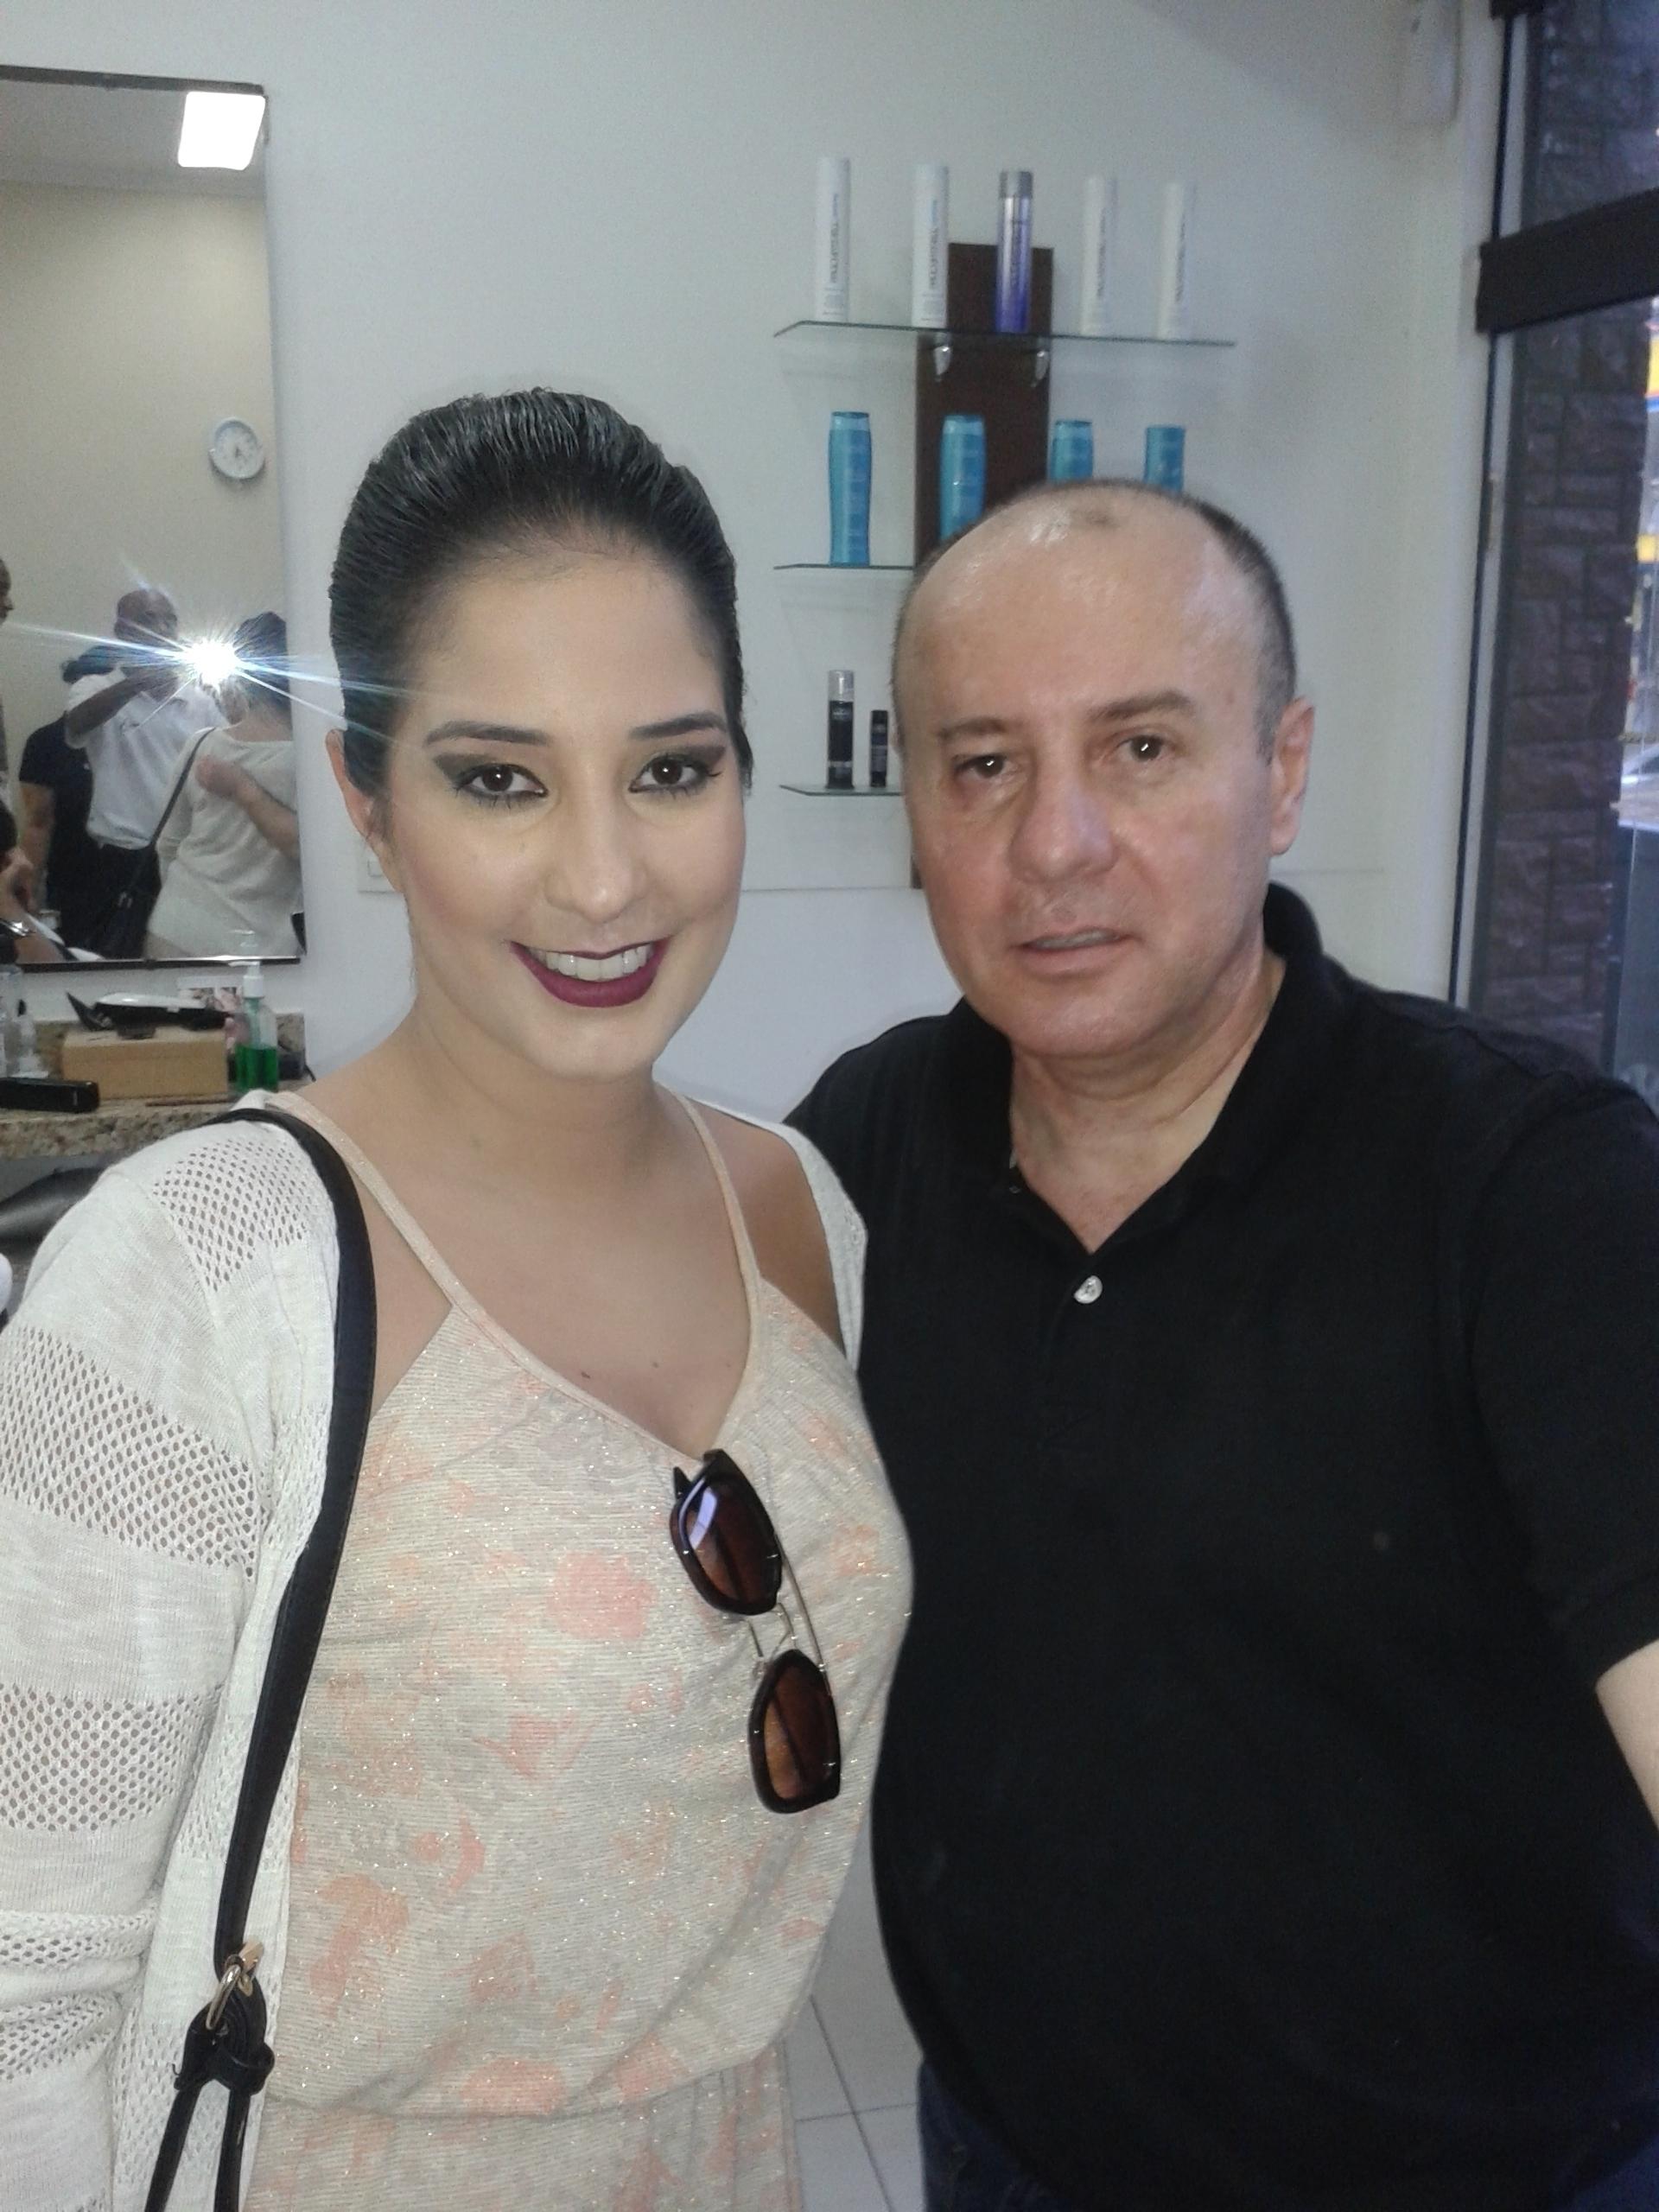 Penteado preso e Make-up Coque banana. cabeleireiro(a) barbeiro(a) maquiador(a) designer de sobrancelhas depilador(a)